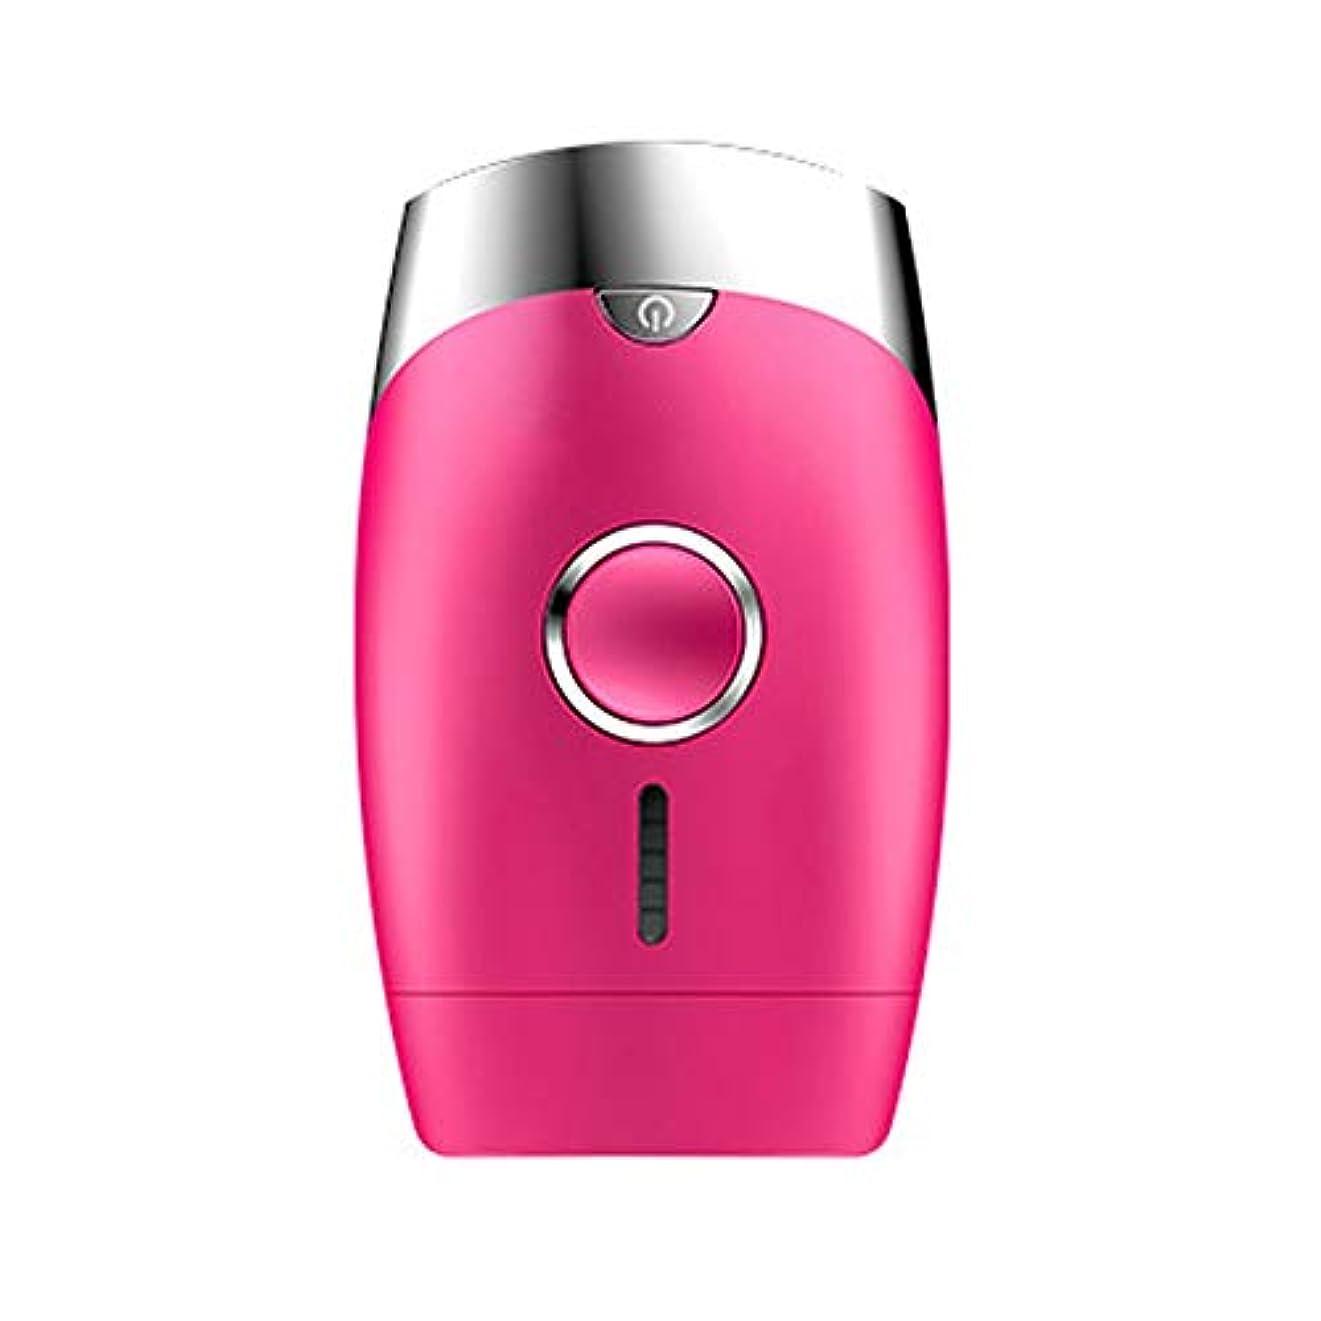 言語学振る嘆くピンク、5スピード調整、インテリジェント家庭用痛みのない凝固点ヘアリムーバー、シングルフラッシュ/連続フラッシュ、サイズ13.9 X 8.3 X 4.8 Cm 効果が良い (Color : Pink)